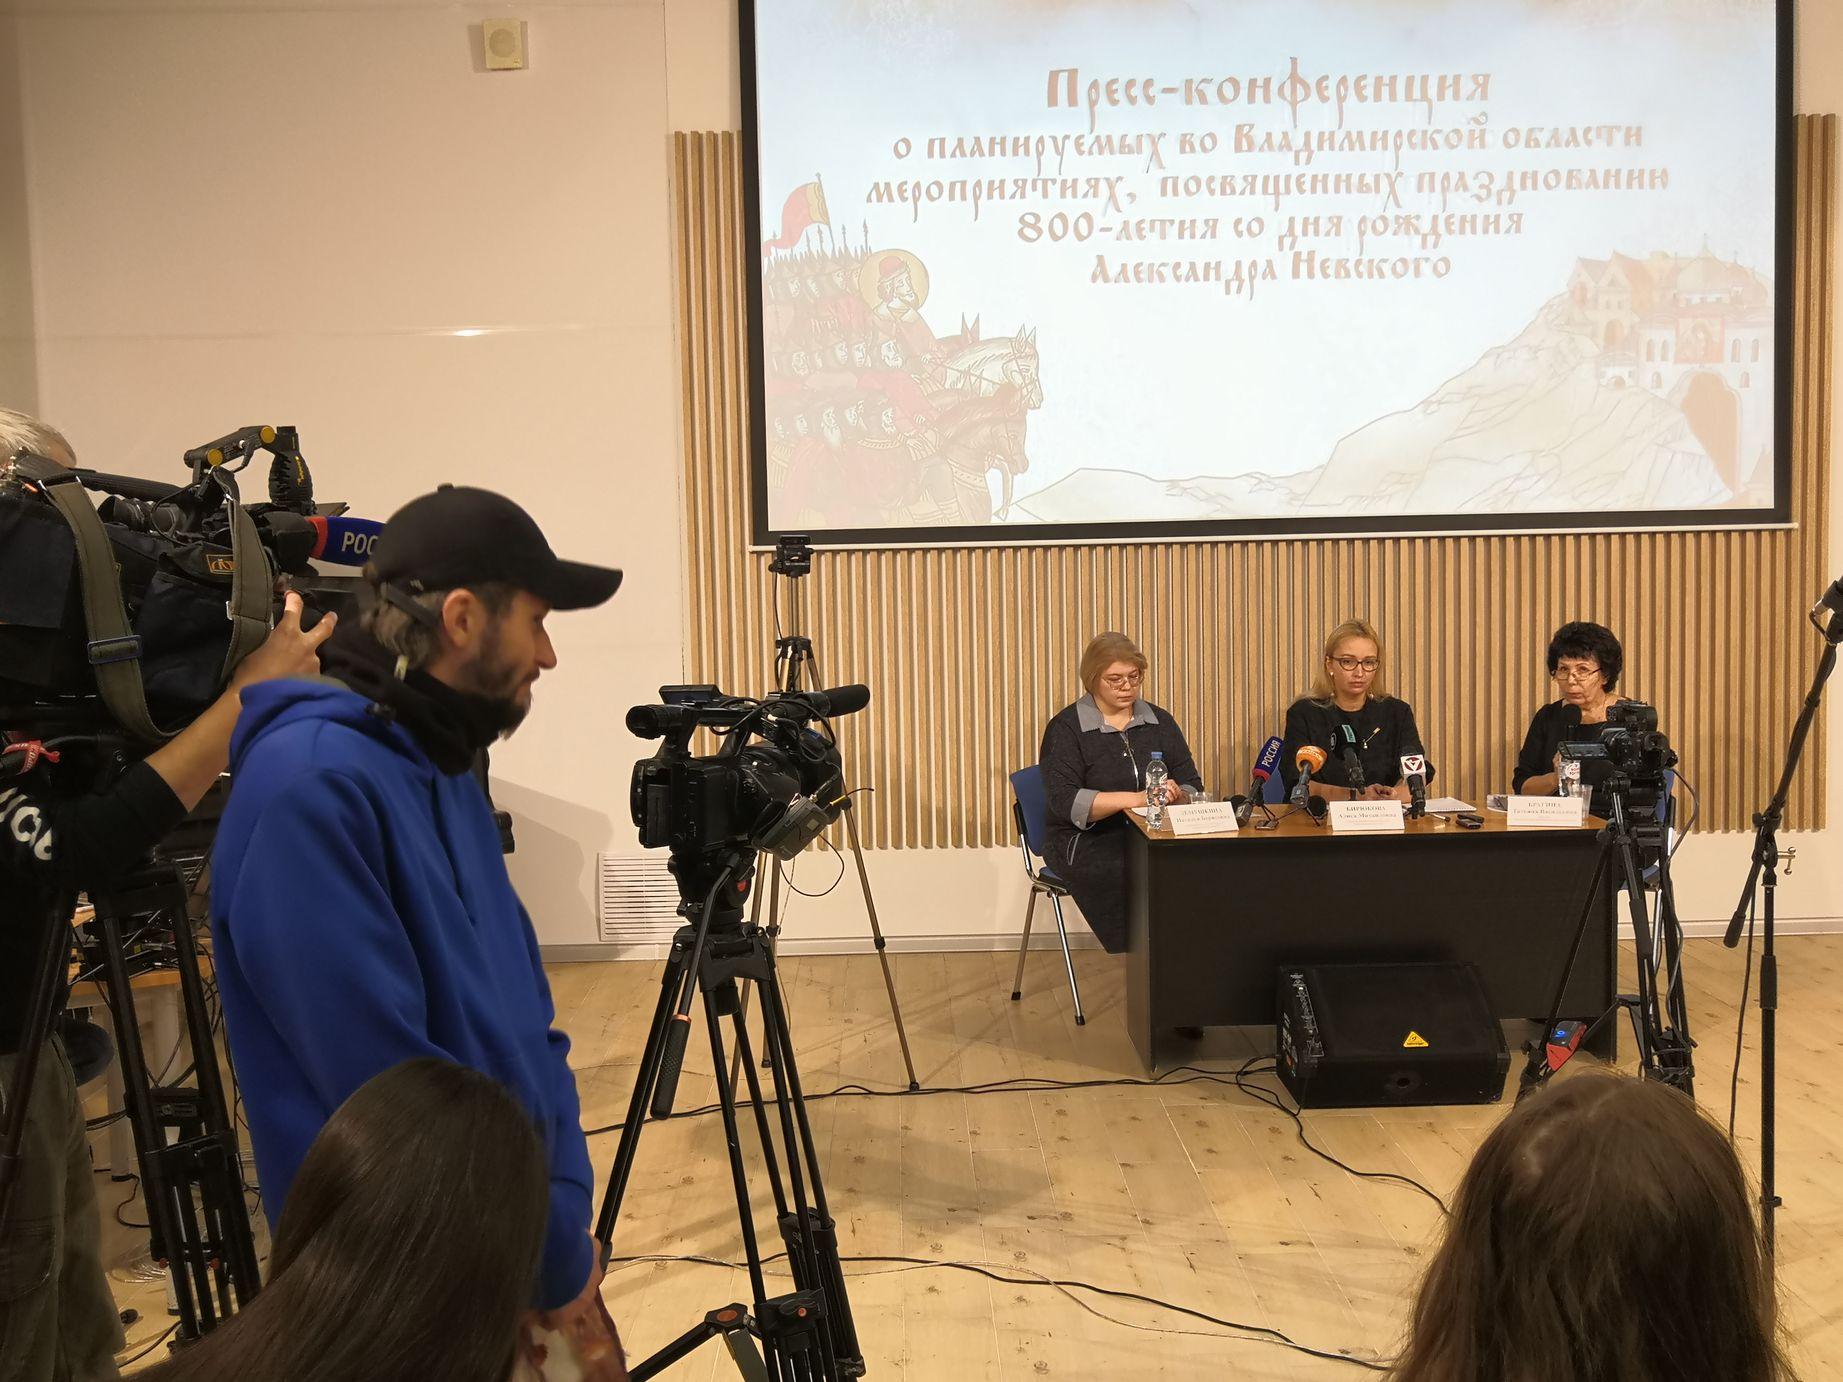 пресс-конференция в областной библиотеке